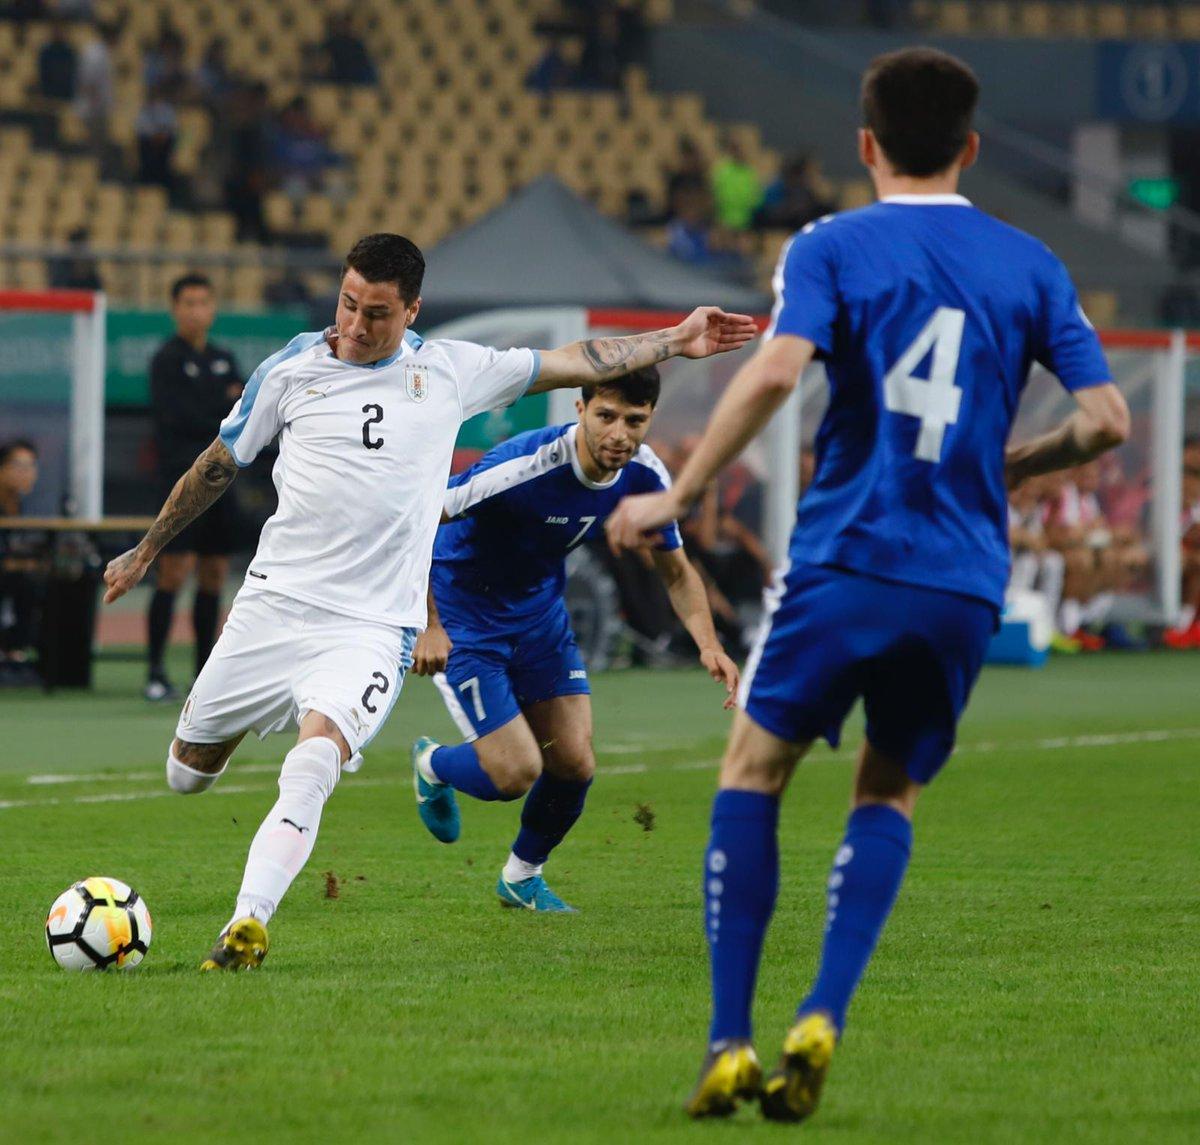 ⚽🌍 SELECCIONES | @diegogodin y @JoseMaGimenez13 jugaron 63 y 90 minutos, respectivamente, en la victoria de @Uruguay ante Uzbekistán (3-0) ➡ https://bit.ly/2TpTiTH #AúpaAtleti